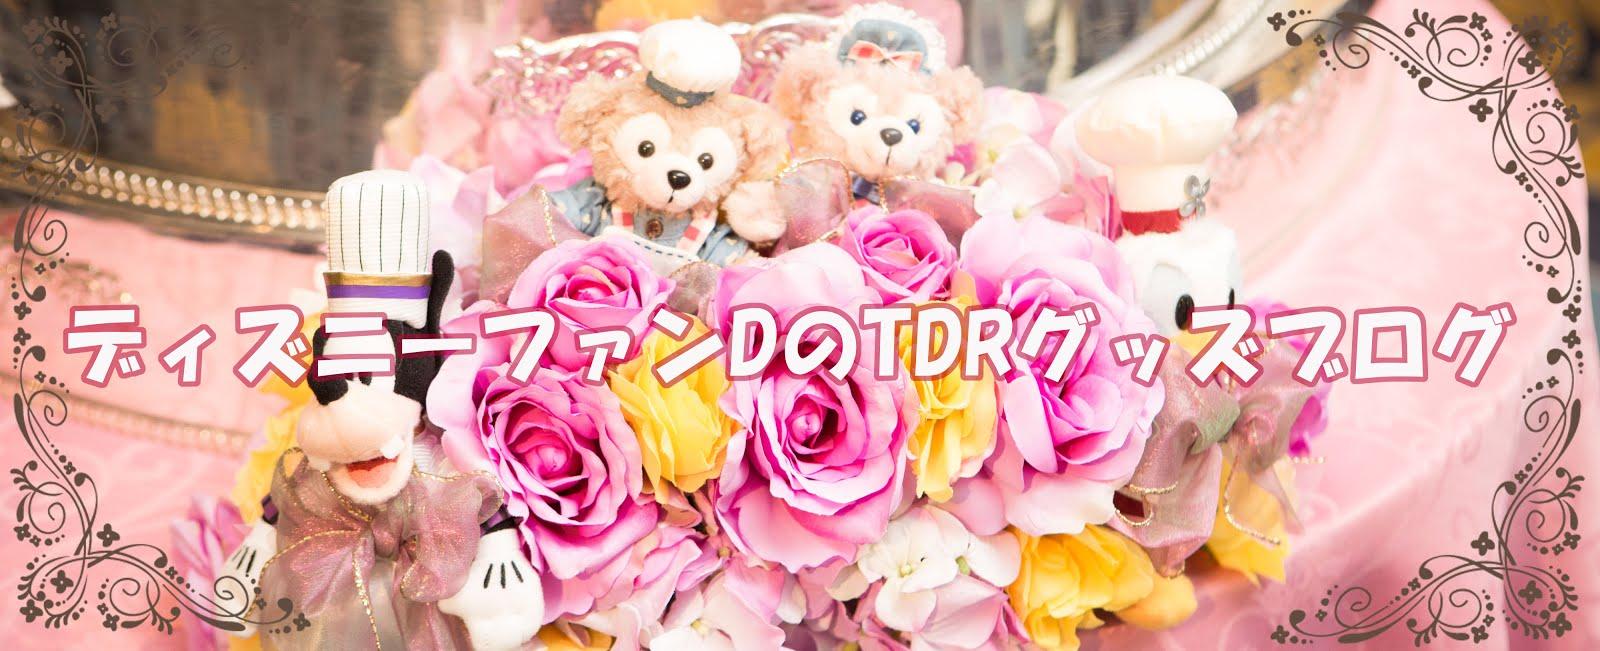 ディズニーファンDのTDRグッズブログ☆